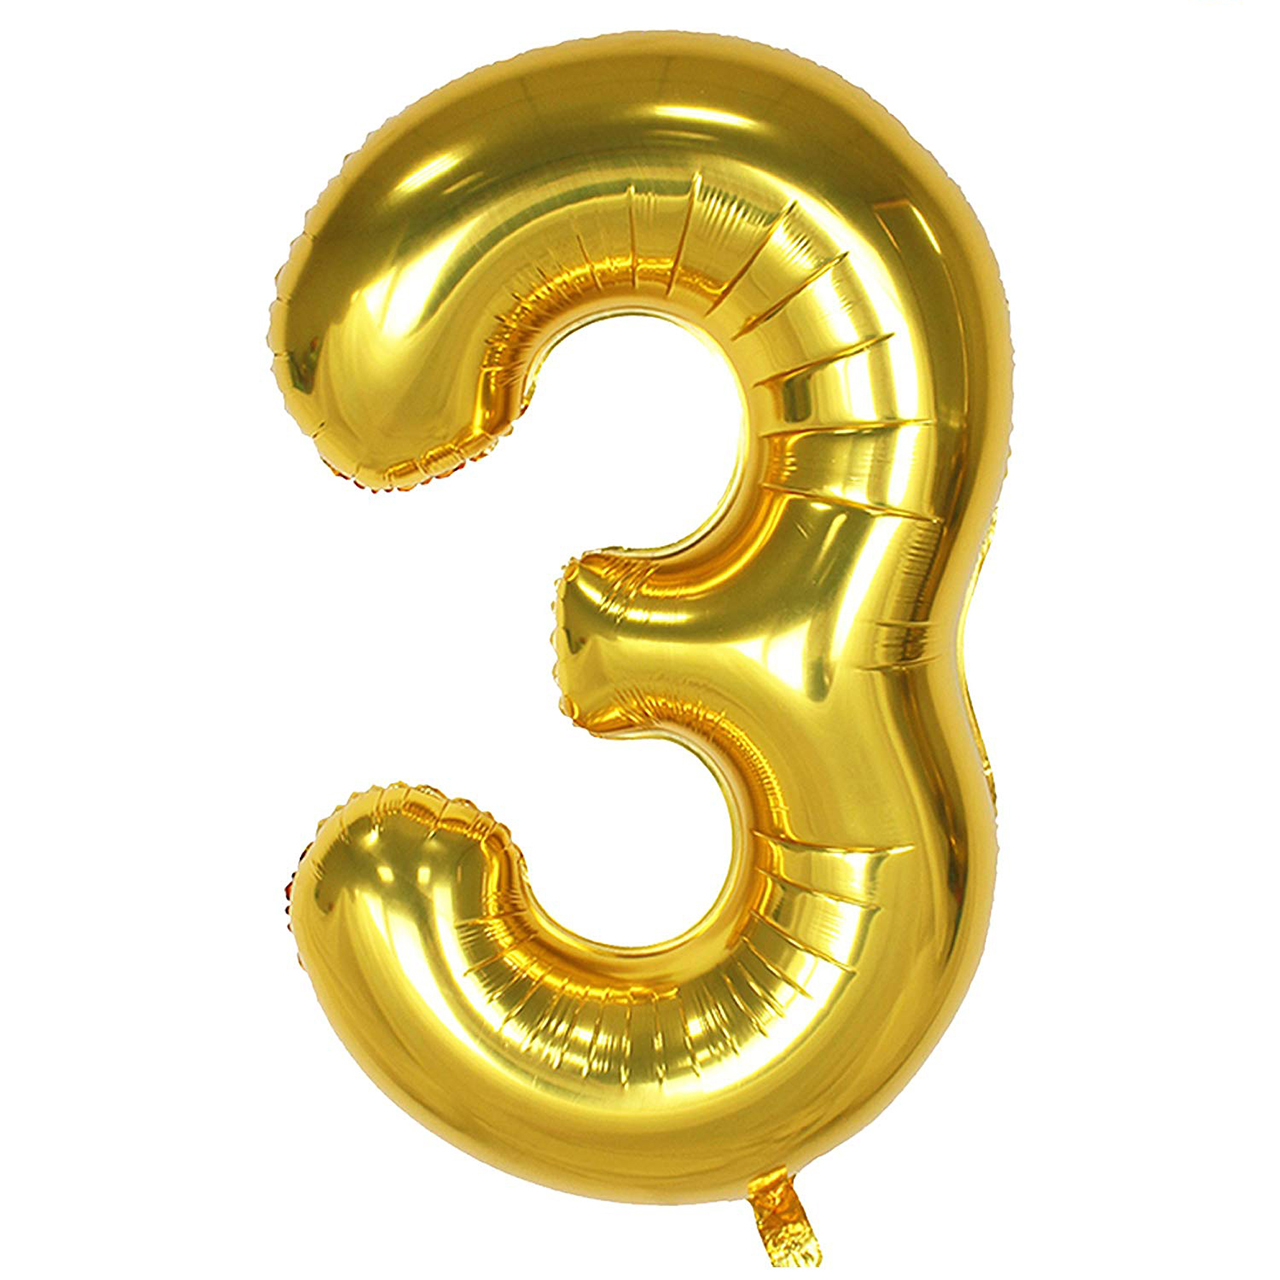 عکس بادکنک فویلی عدد 3 هپی بری طلایی سایز 32 اینچ سایز 120